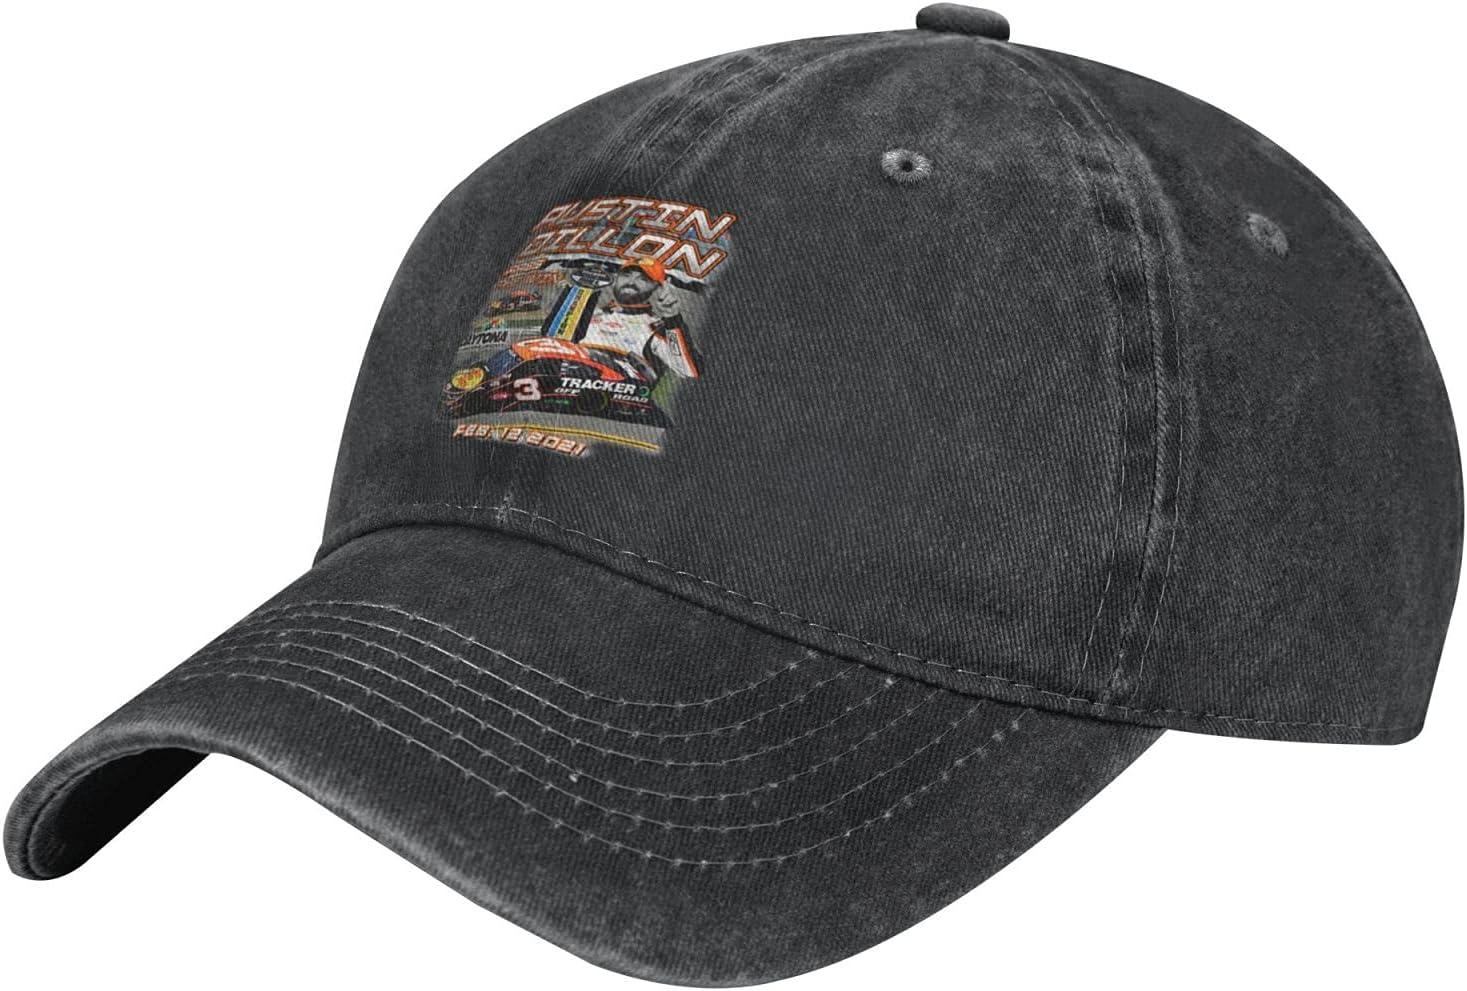 GAiNViEW Austin Dillon 2021 Denim Cap Adjustable Plain Baseball Cowboy Hat Cotton Sunbonnet Plain Hat Black